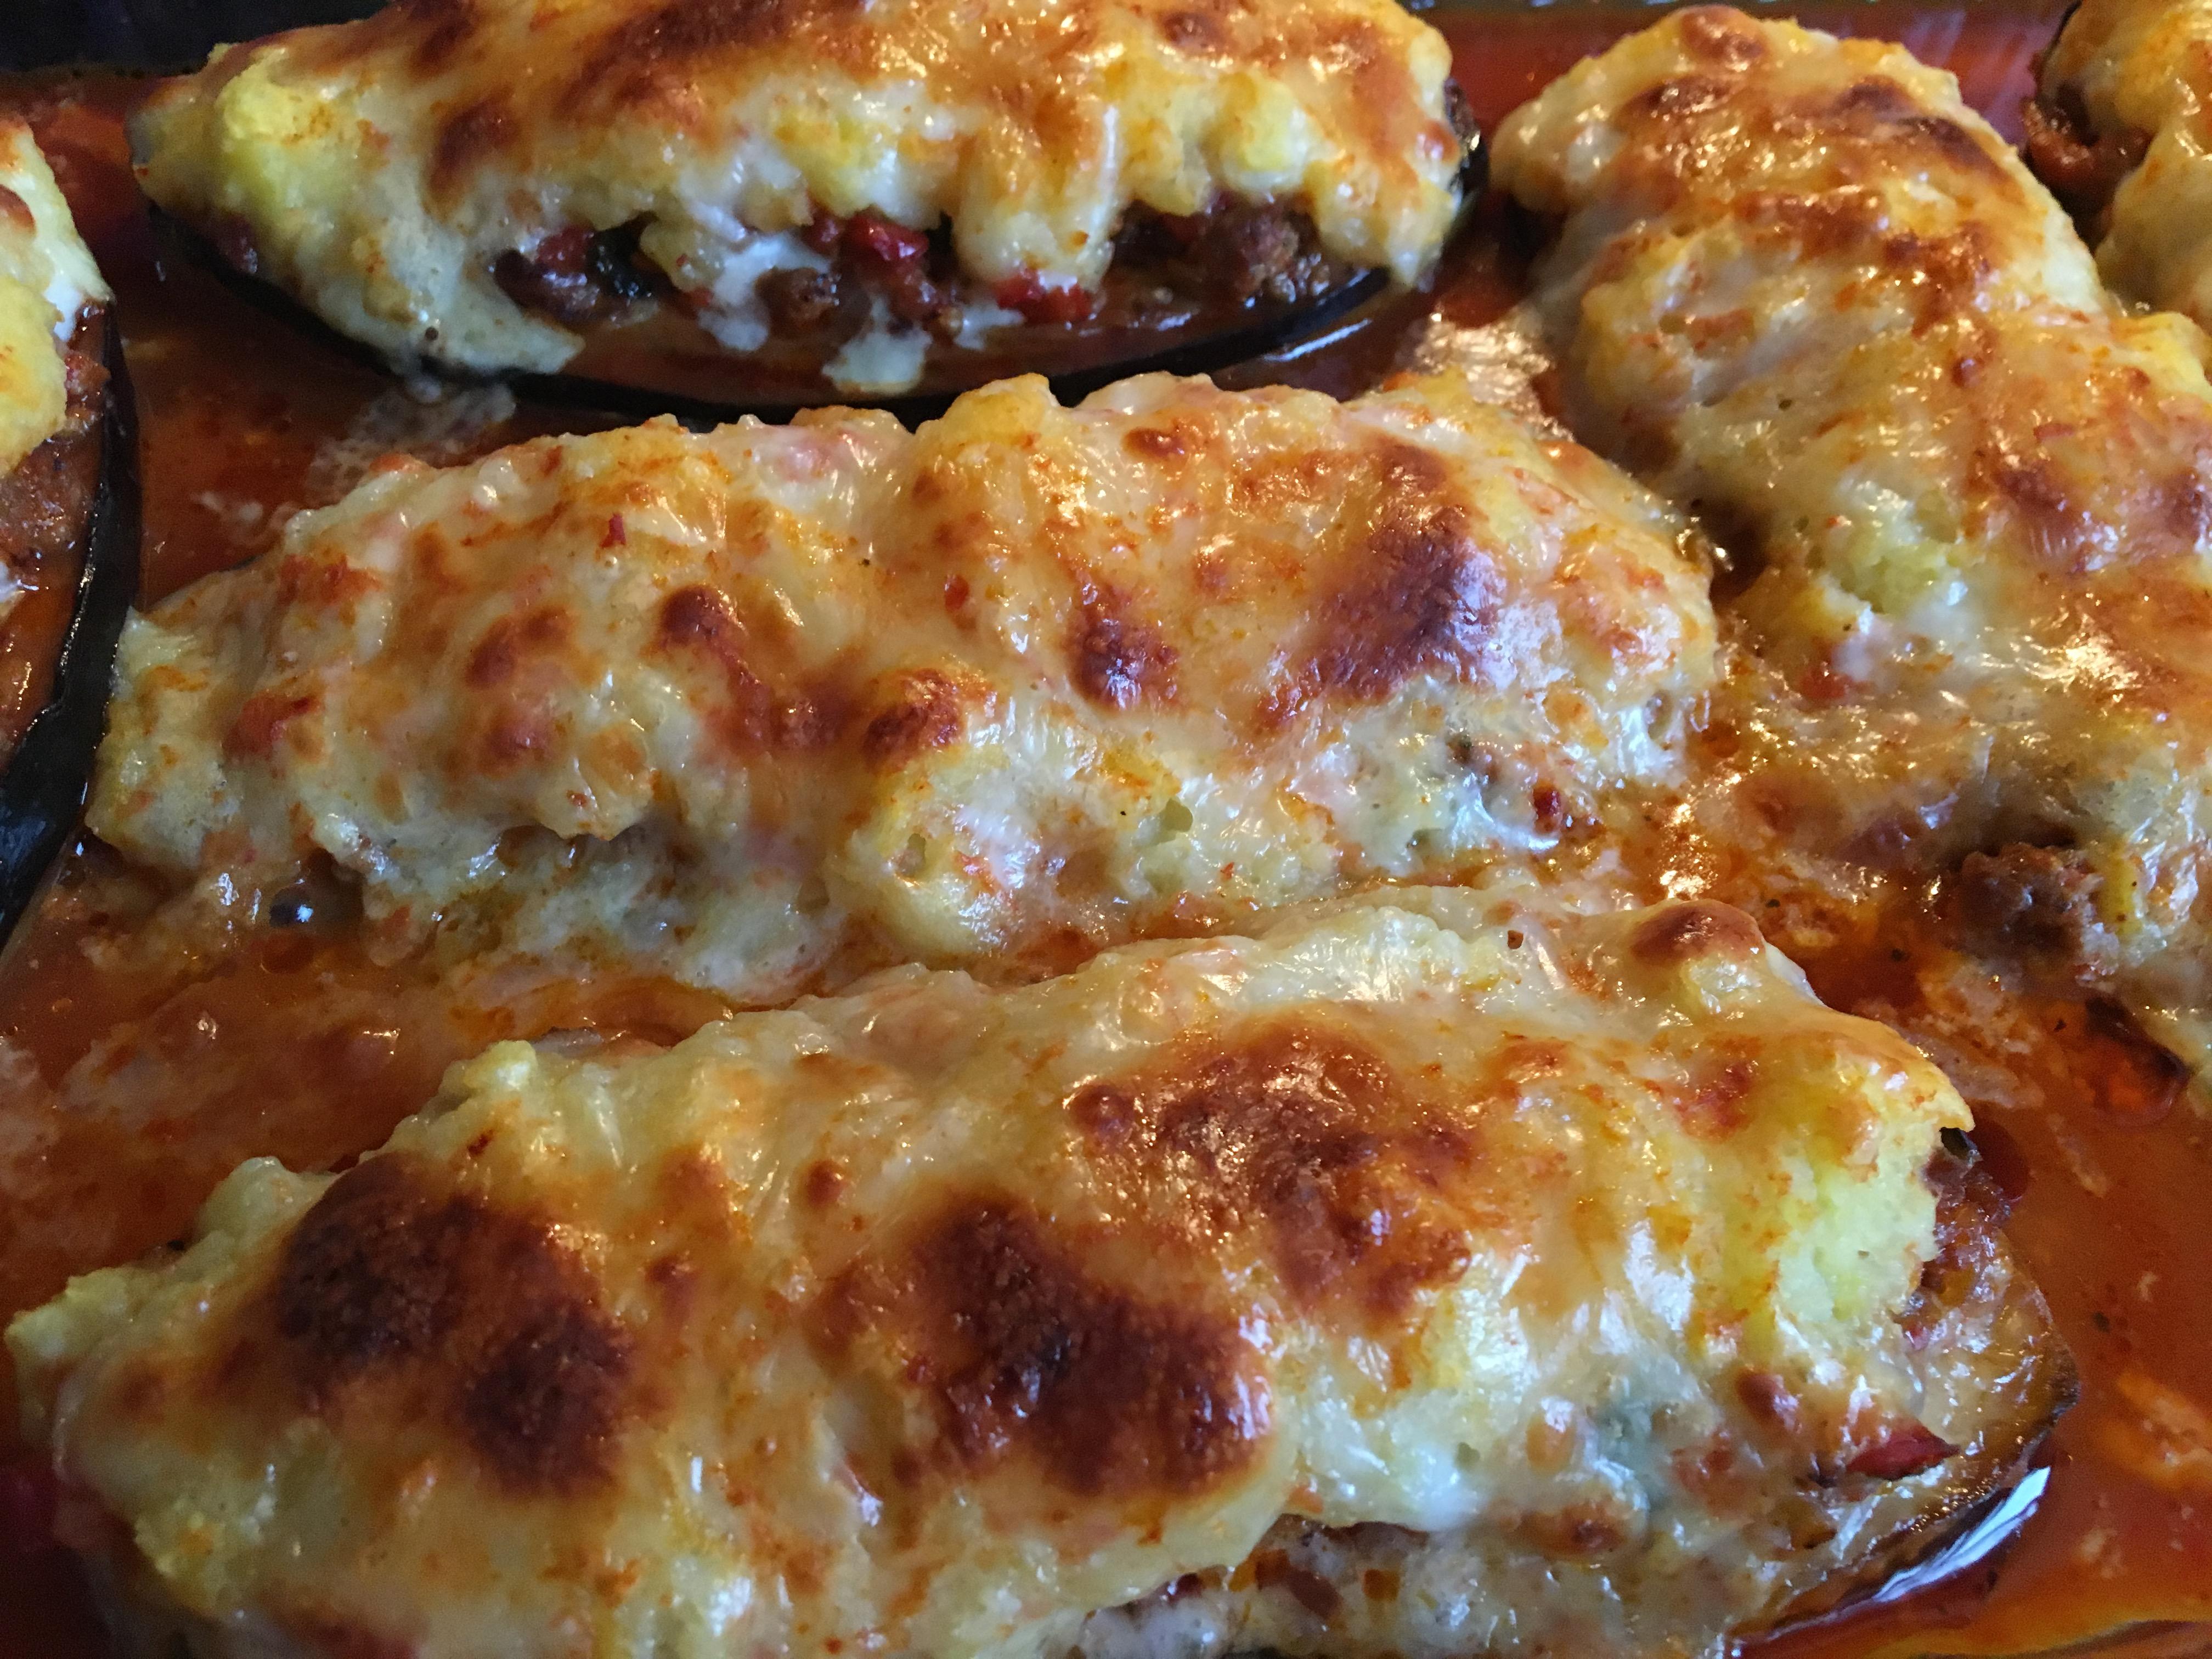 Patates Püreli Patlıcan Kebabı – Fırında Patlıcan Yemeği Tarifi